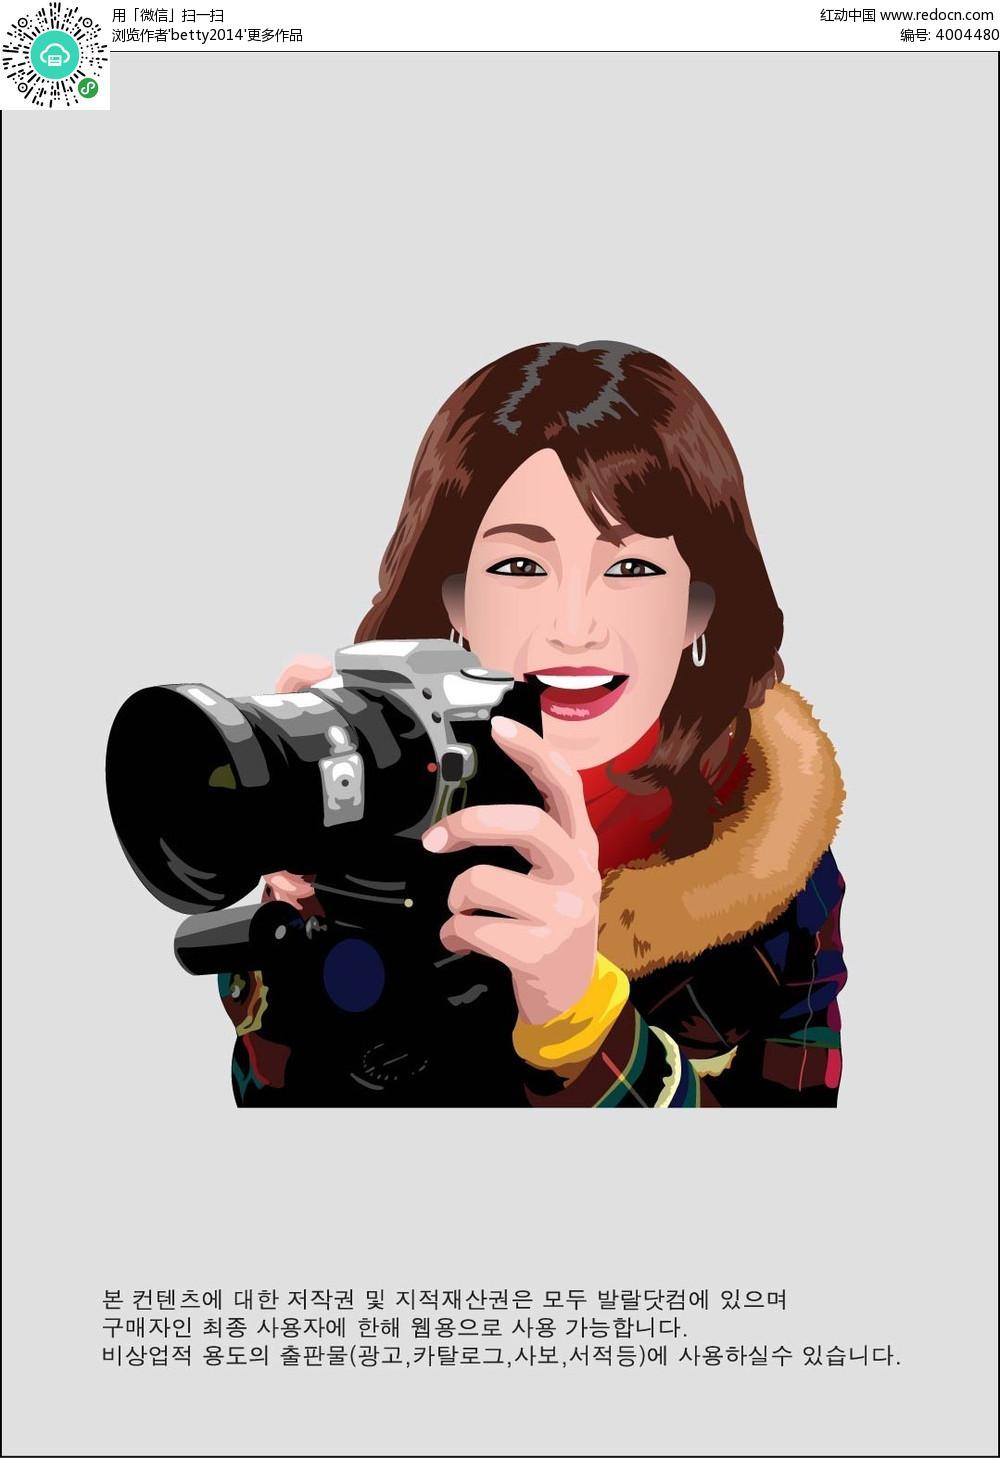 手拿相机的美女卡通手绘